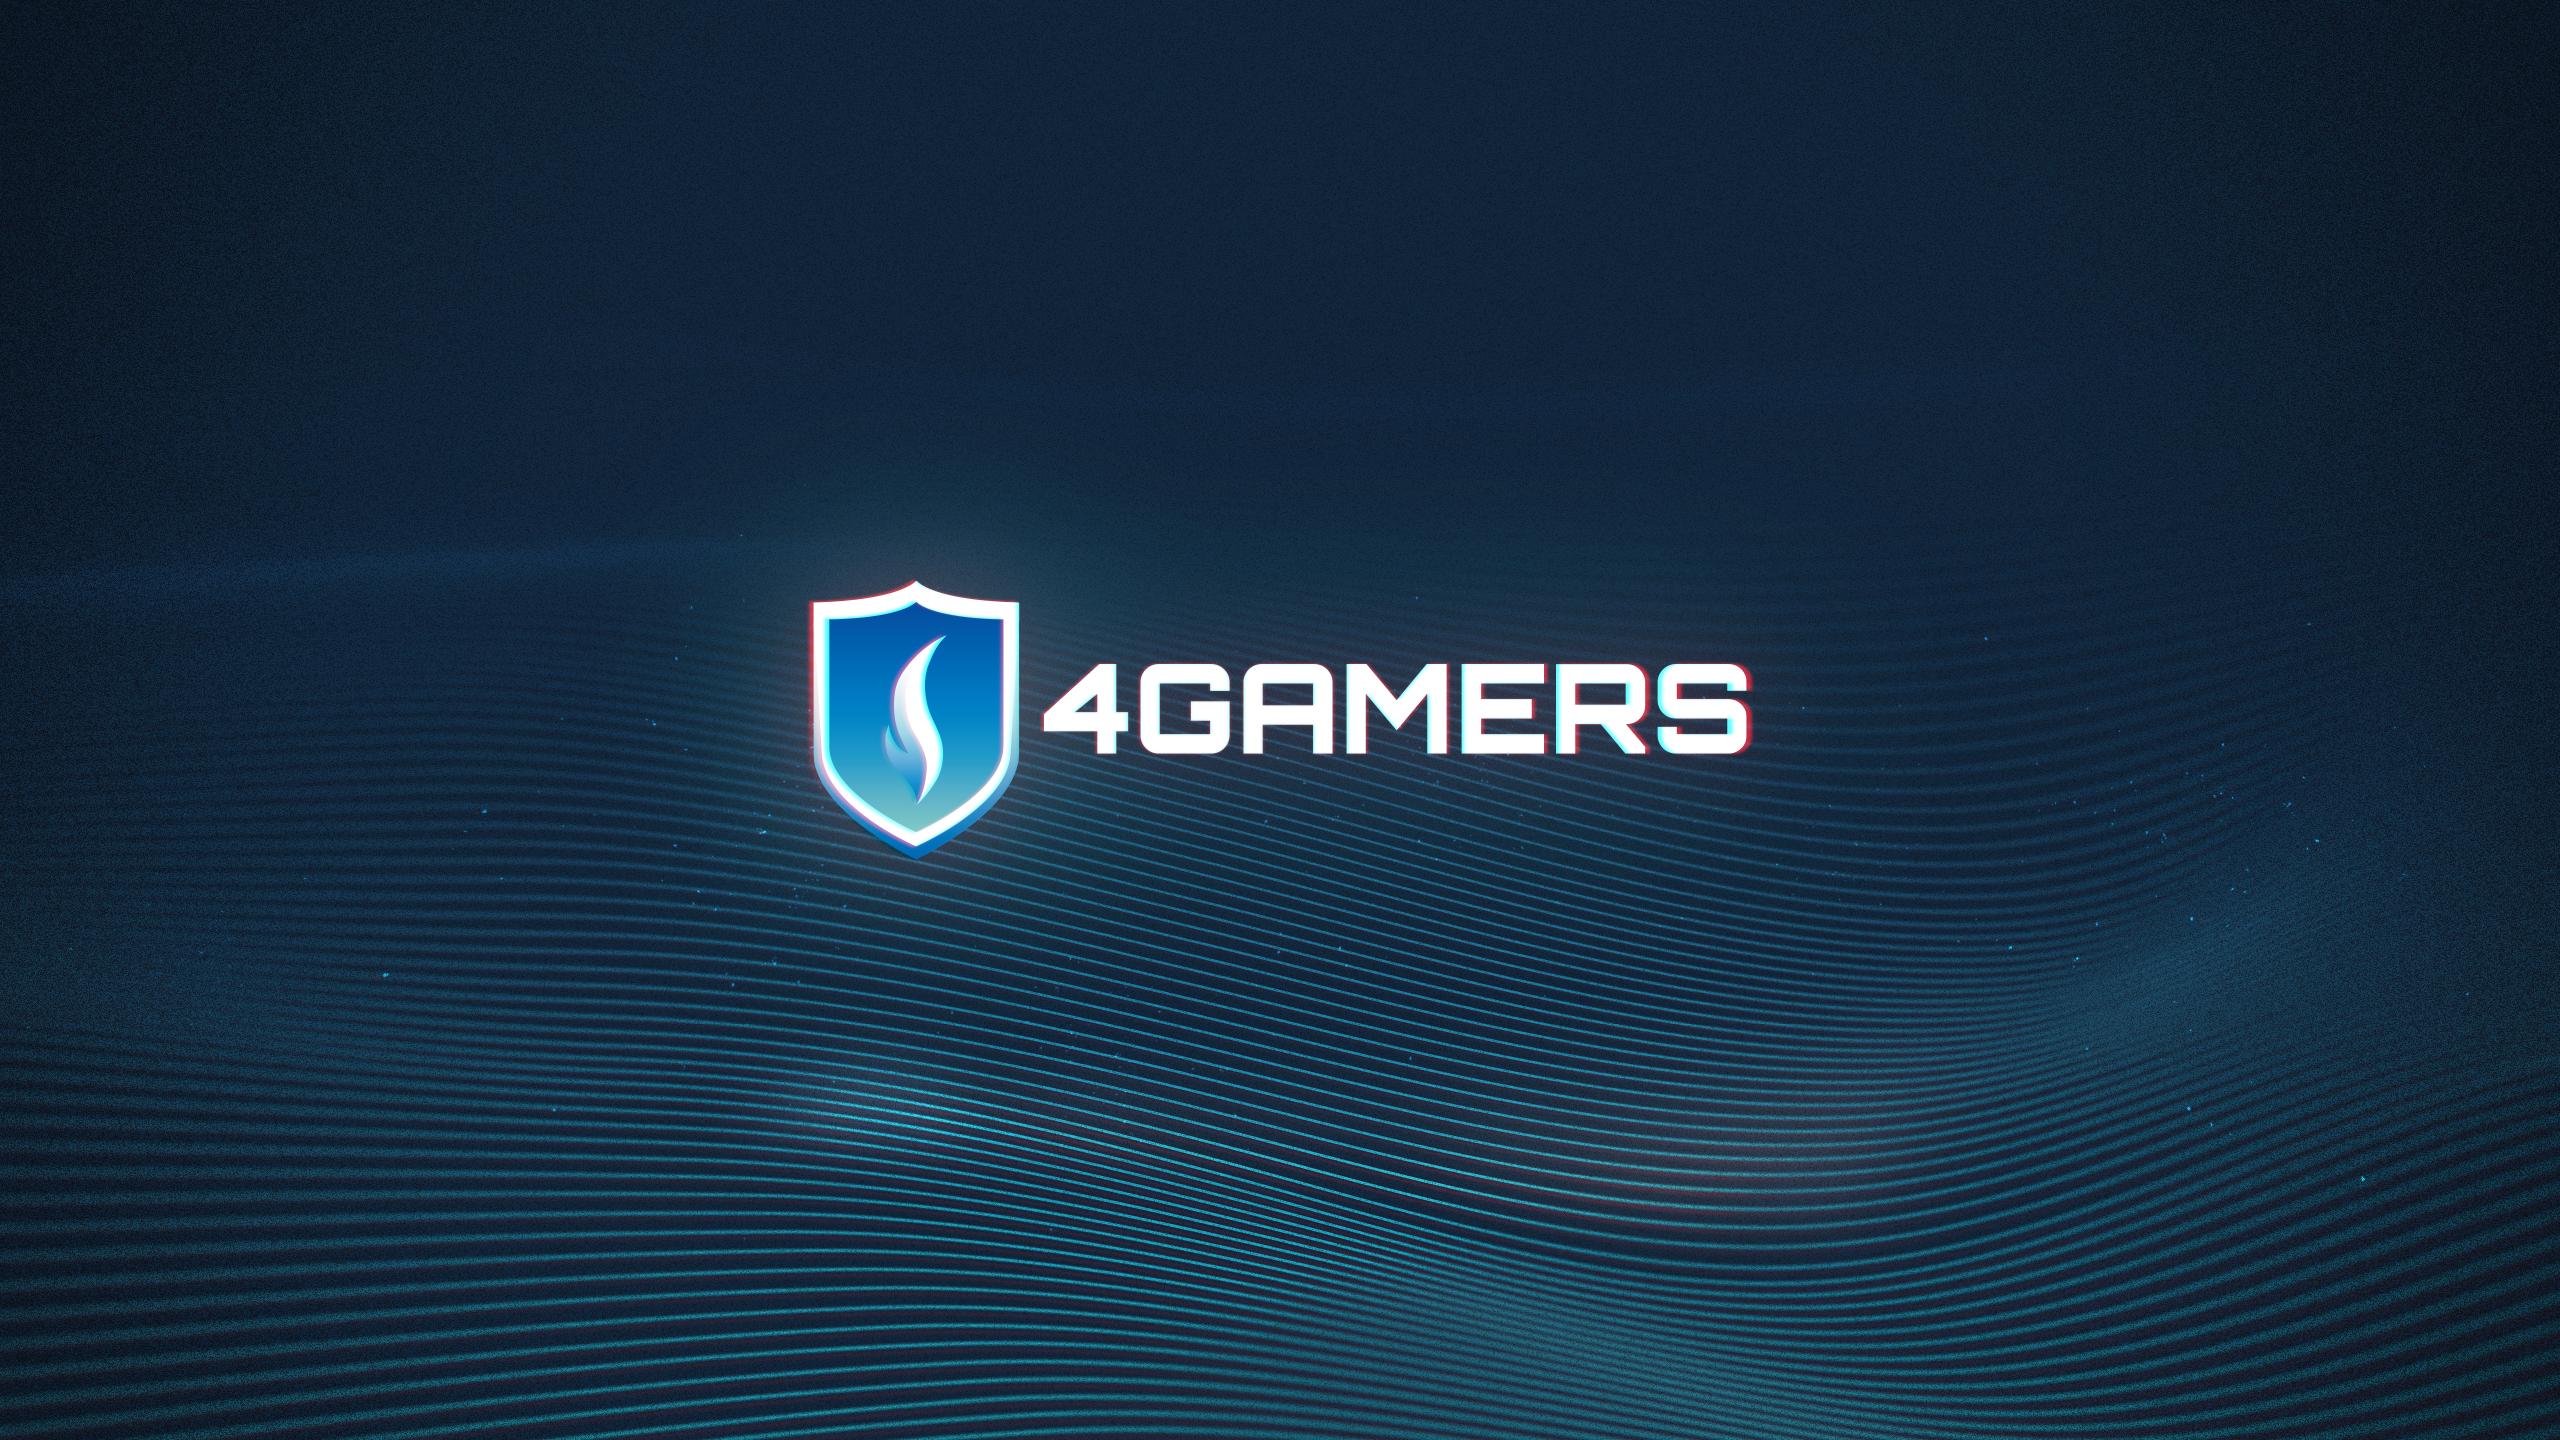 ゲーマー 4